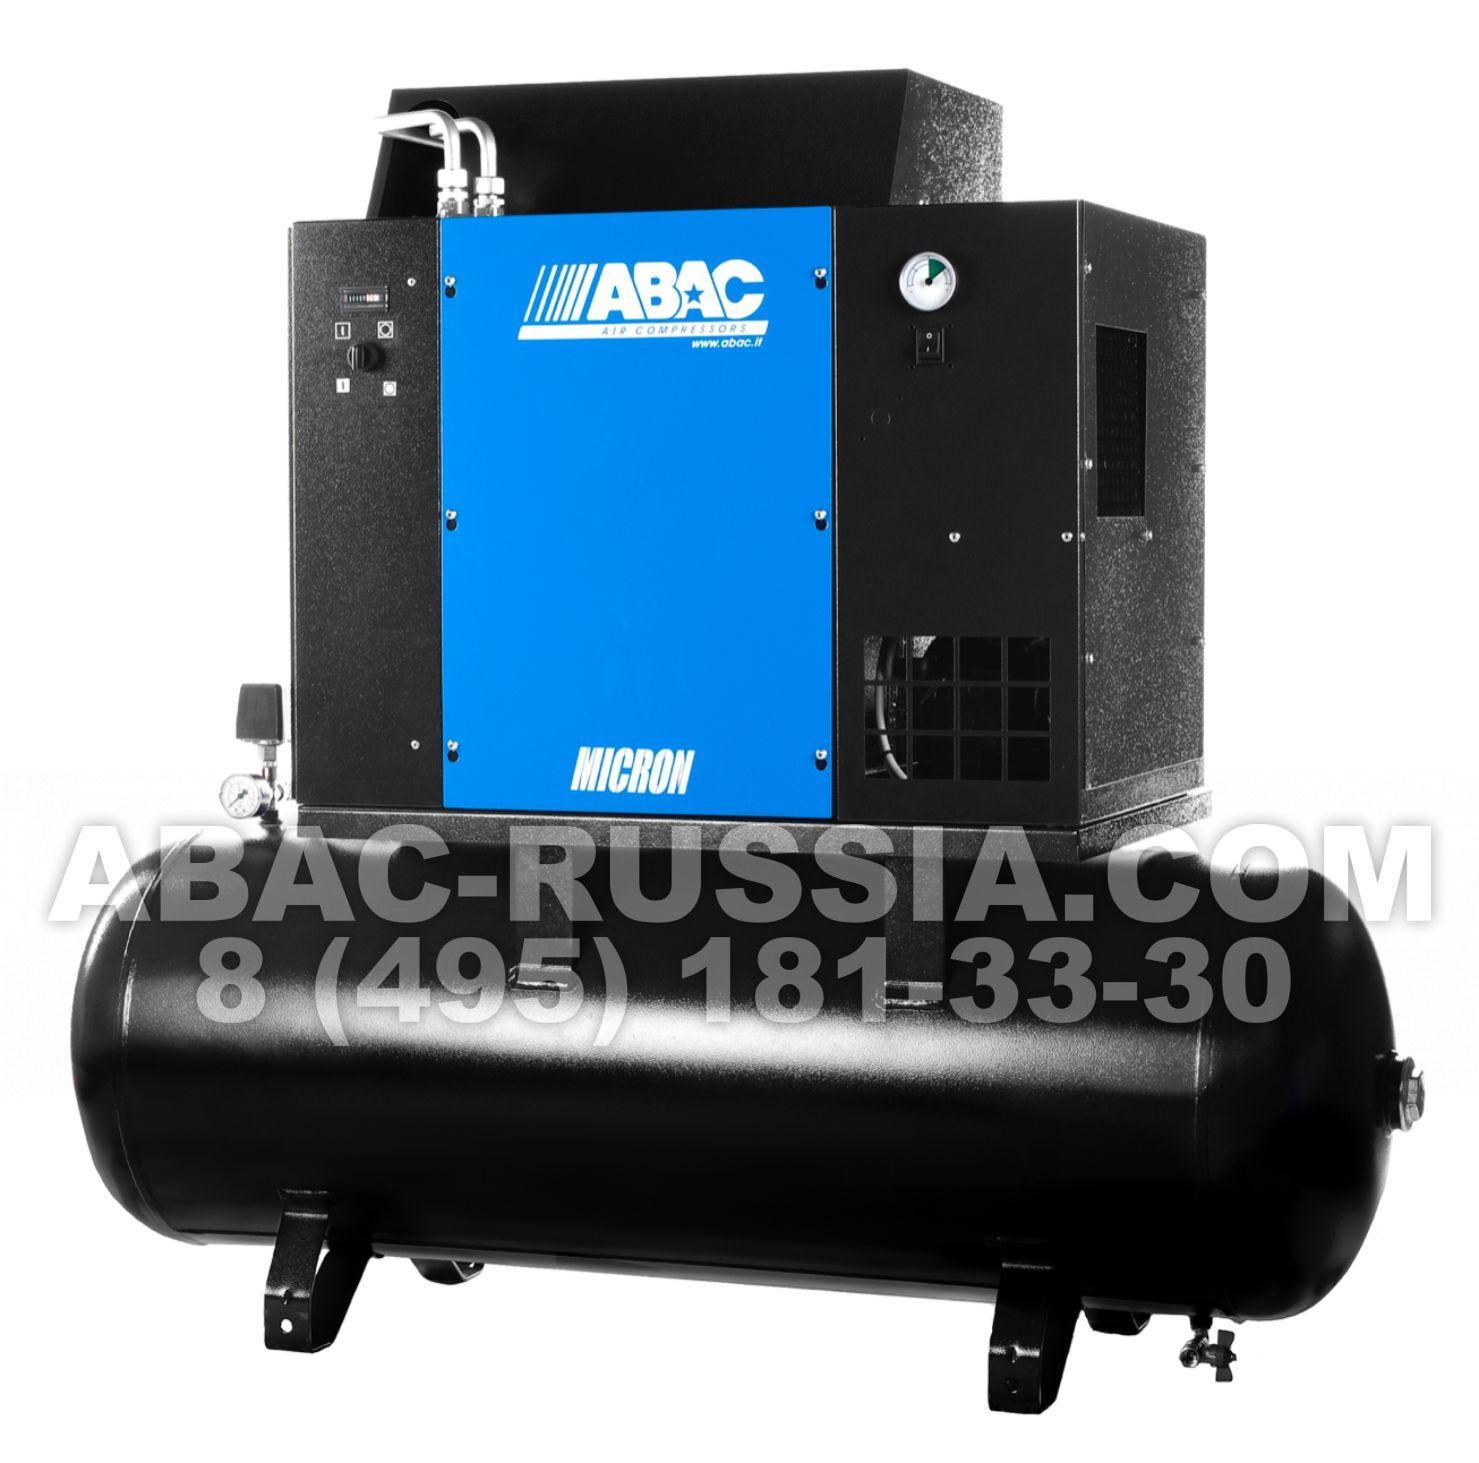 Винтовой компрессор ABAC MICRON.E 2.208 - 270 220В 4152012036